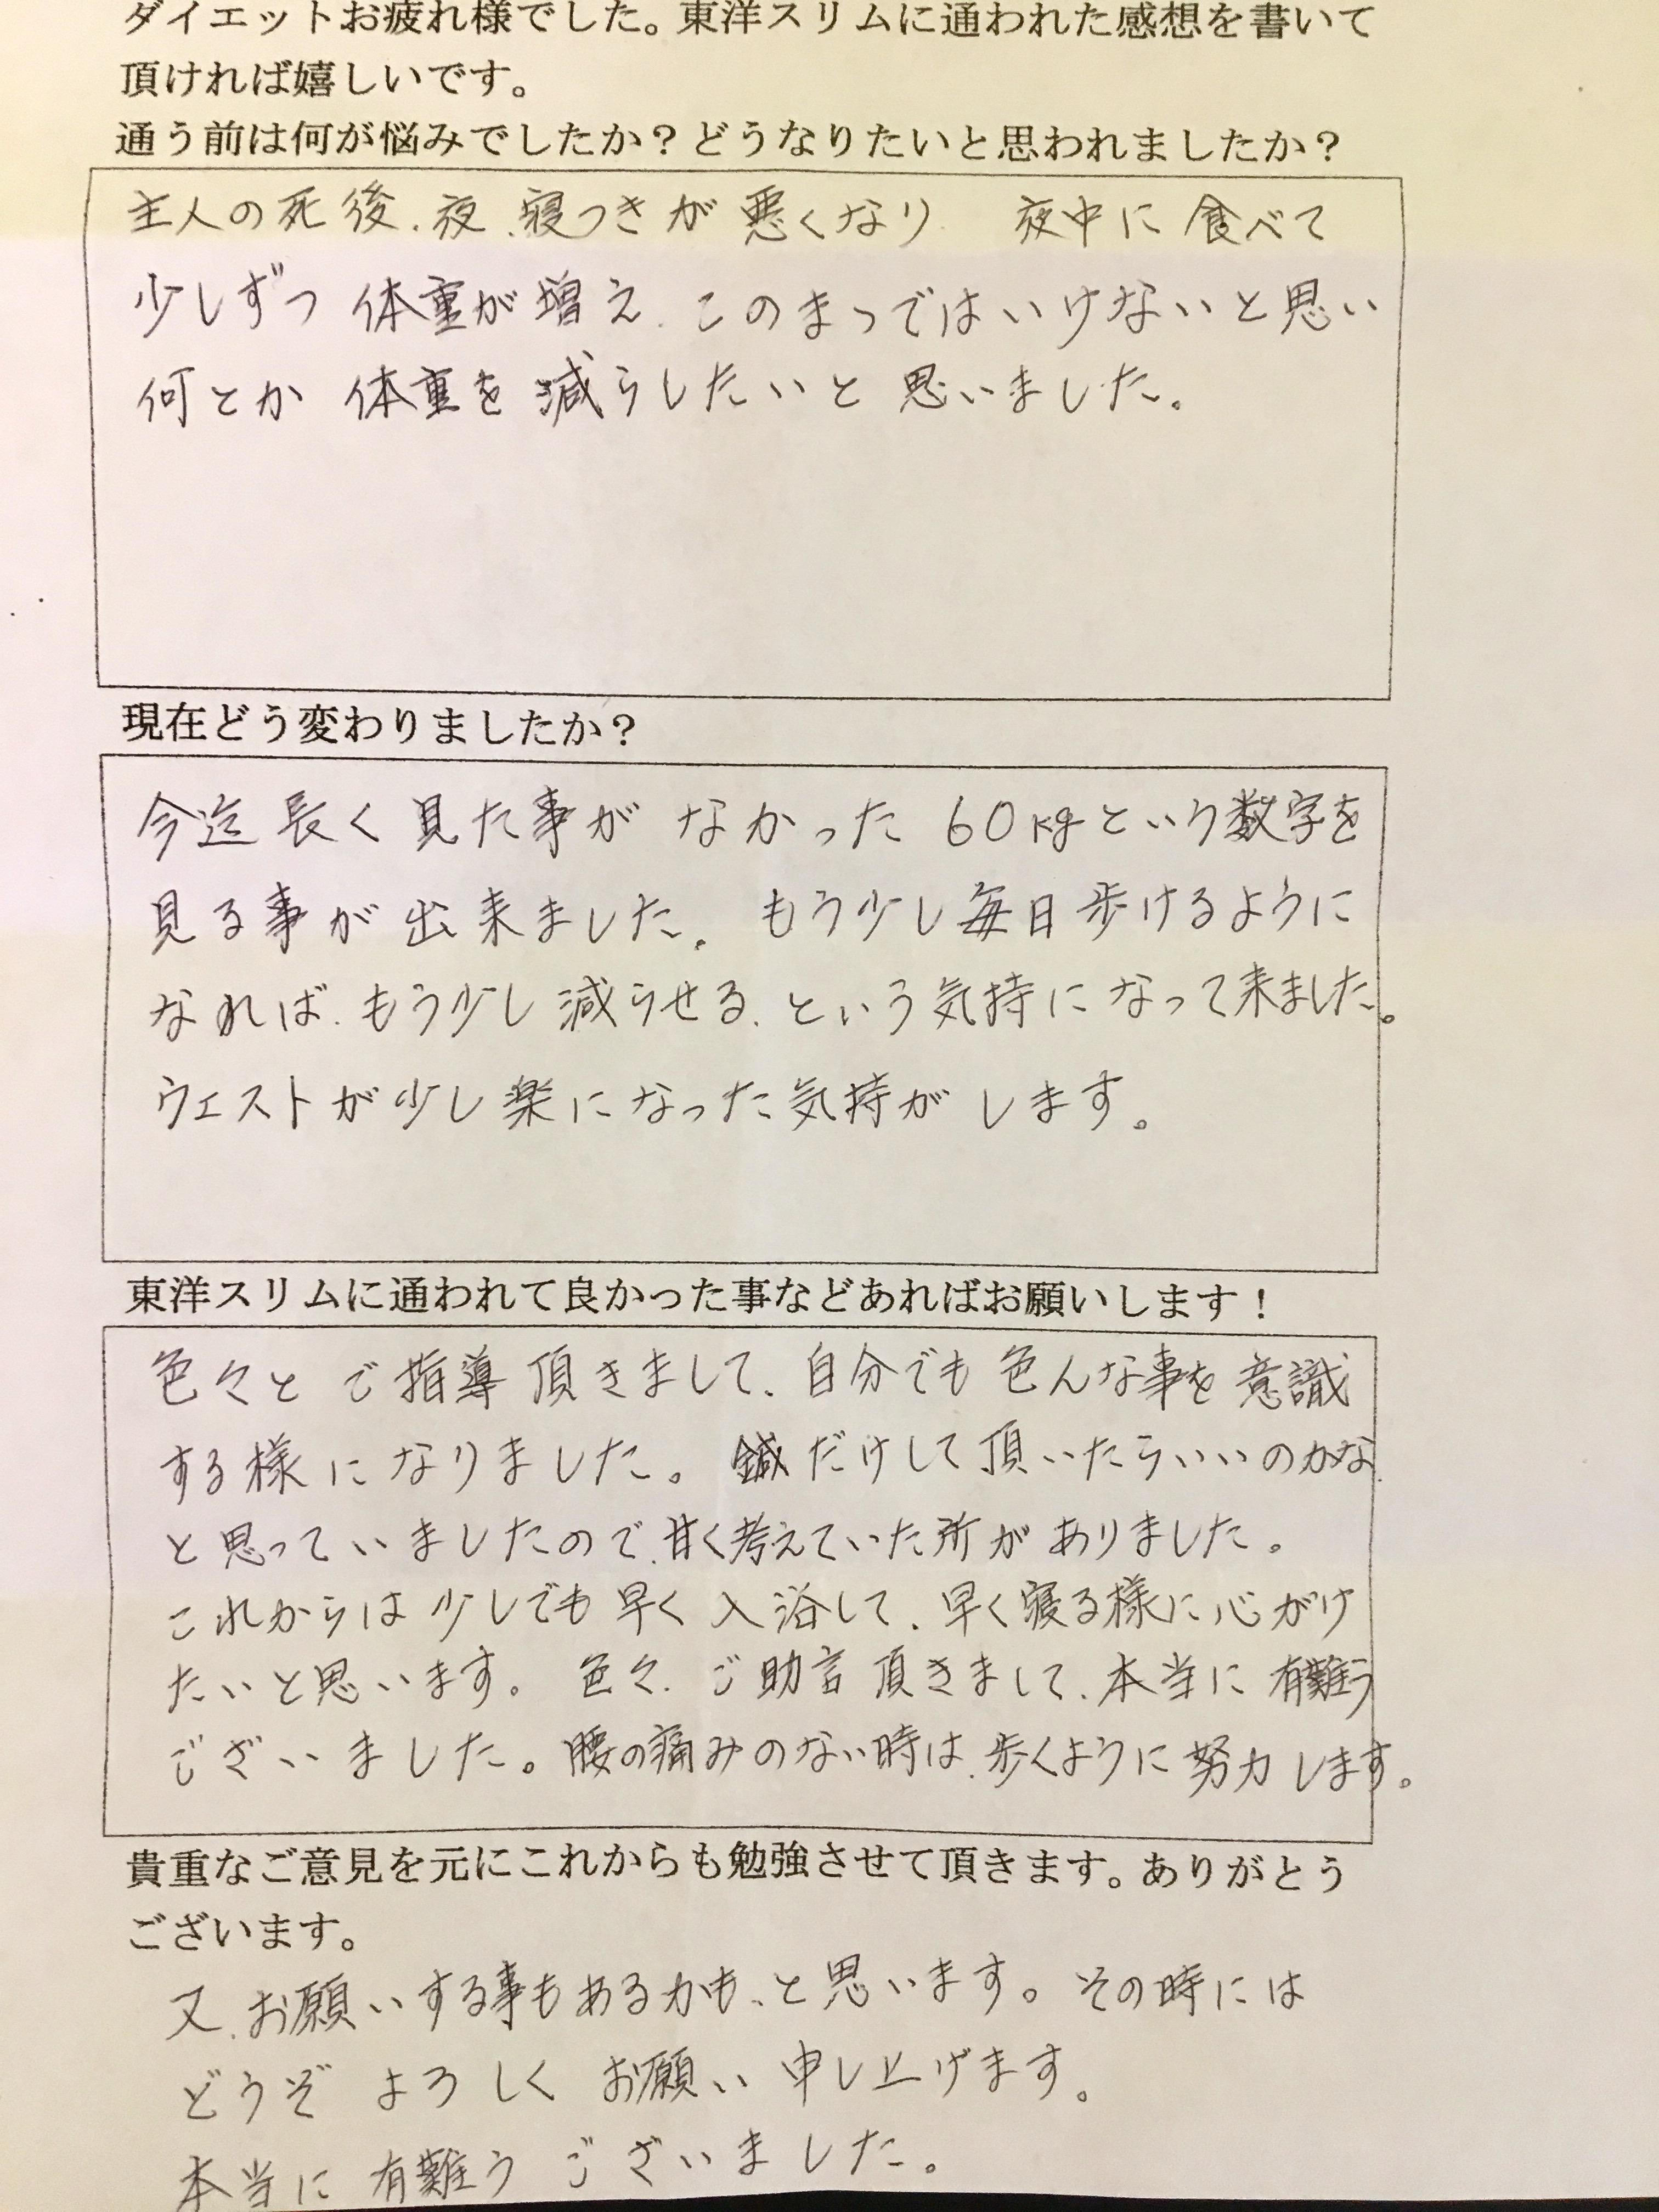 大阪市住之江区Yさん67歳耳ツボ痩身法で5kgダイエット成功